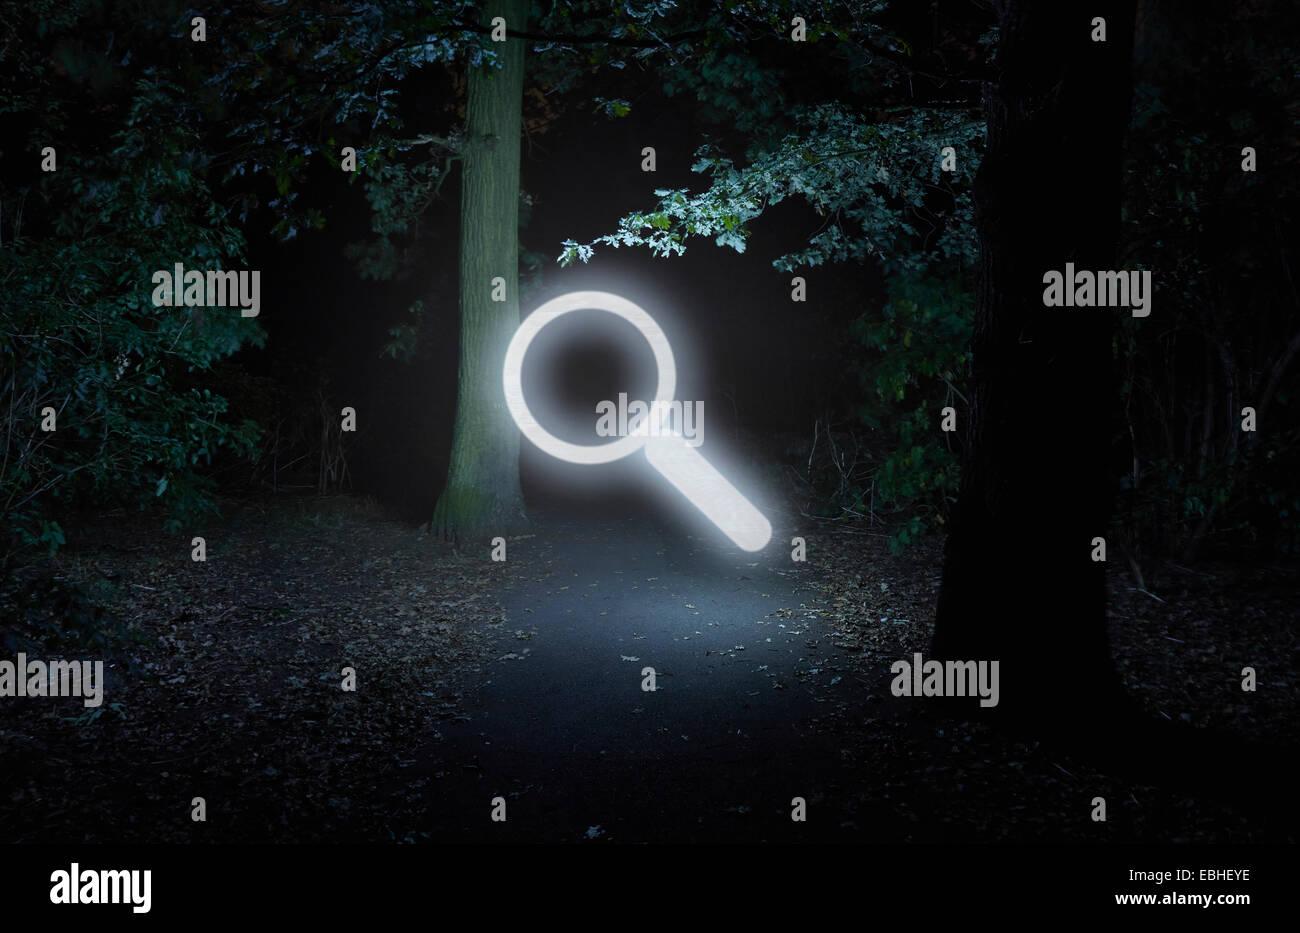 Wald in der Nacht, mit beleuchteten Suchsymbol Stockbild